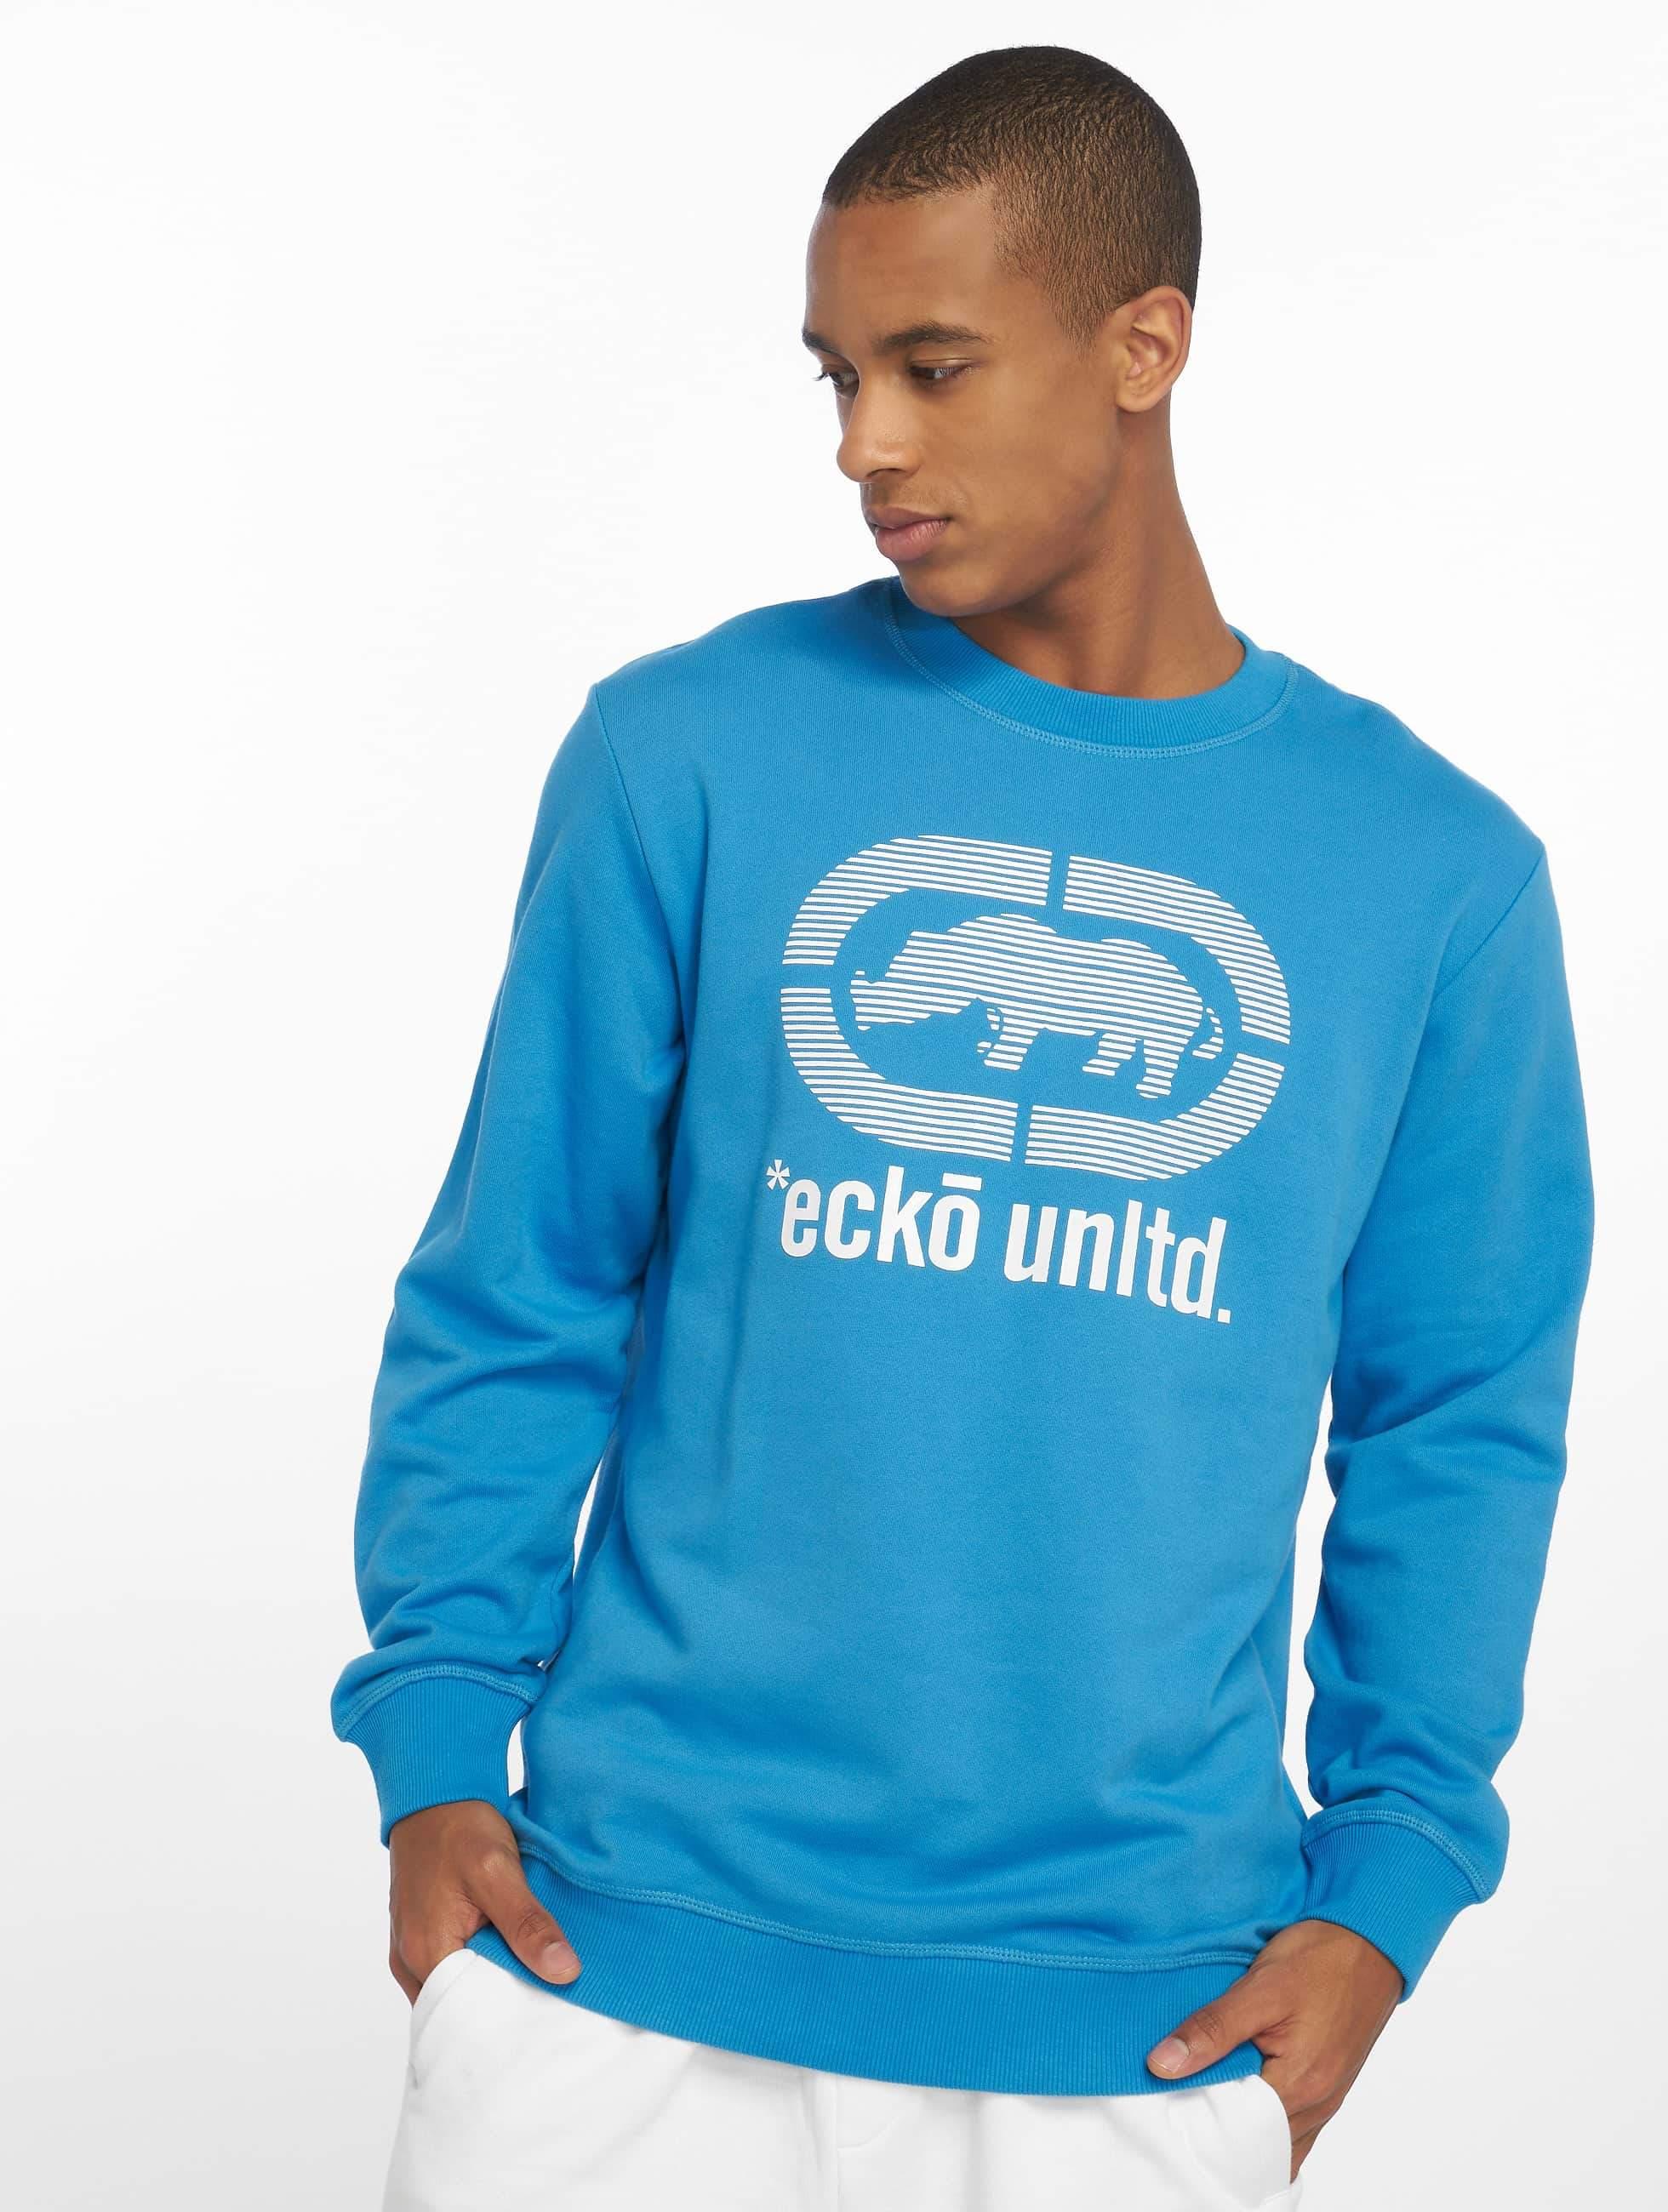 Ecko Unltd. / Jumper West Buddy in blue 2XL